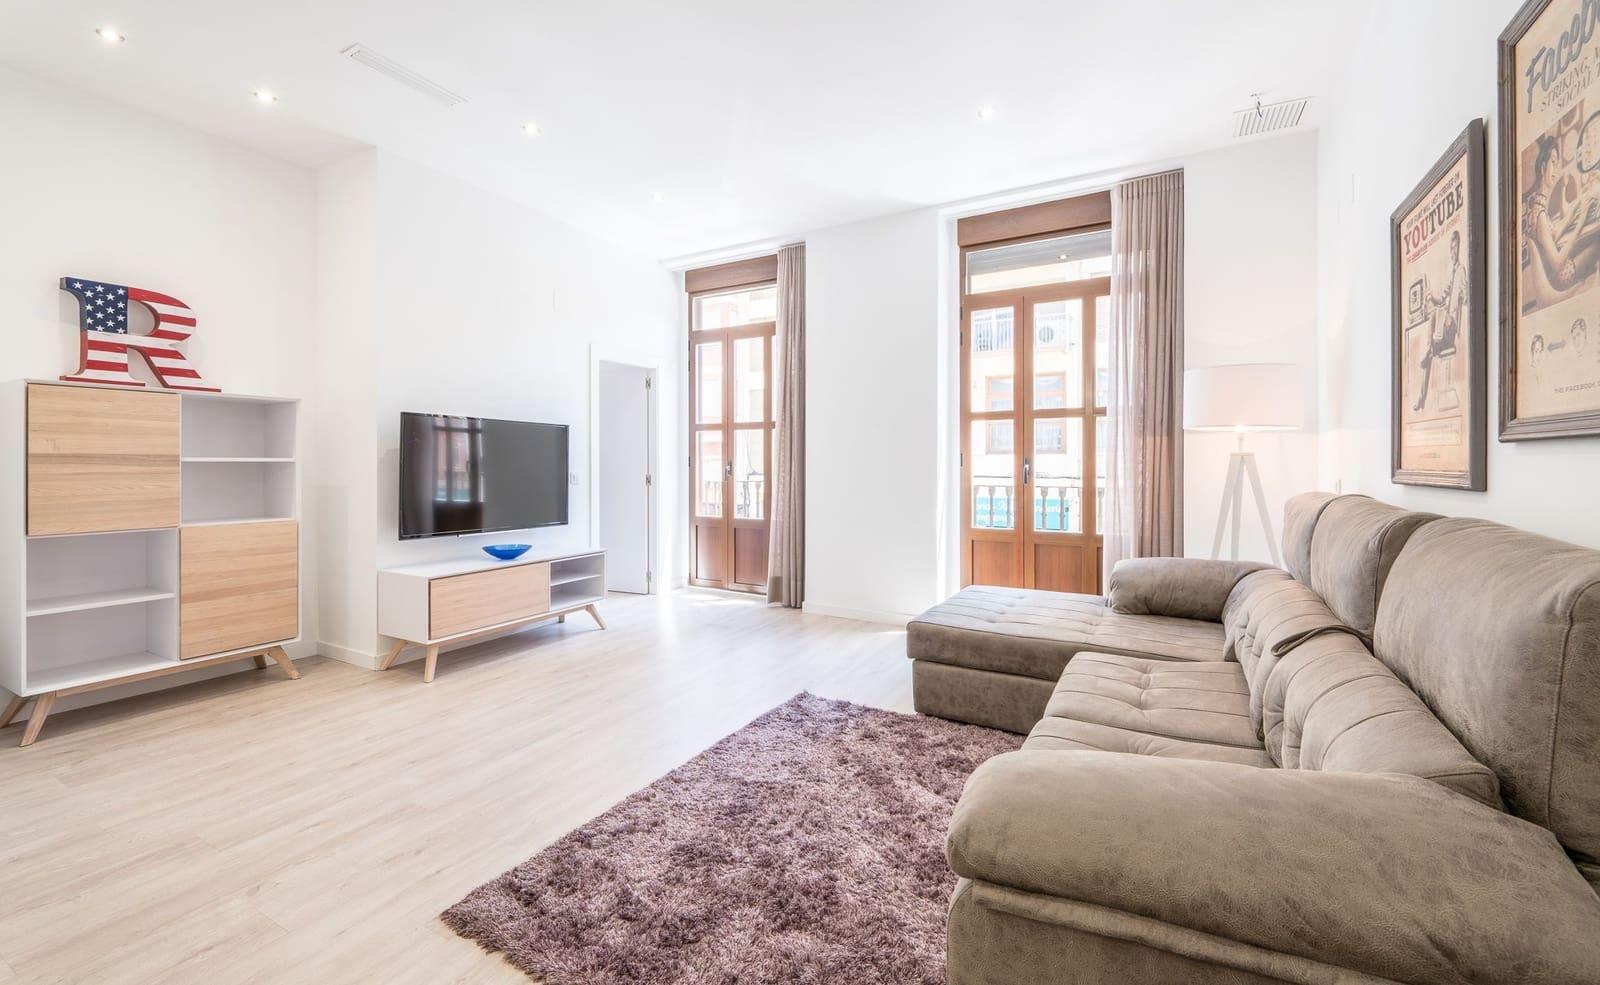 Apartamento de 3 habitaciones en València ciudad en alquiler vacacional - 700 € (Ref: 5291869)